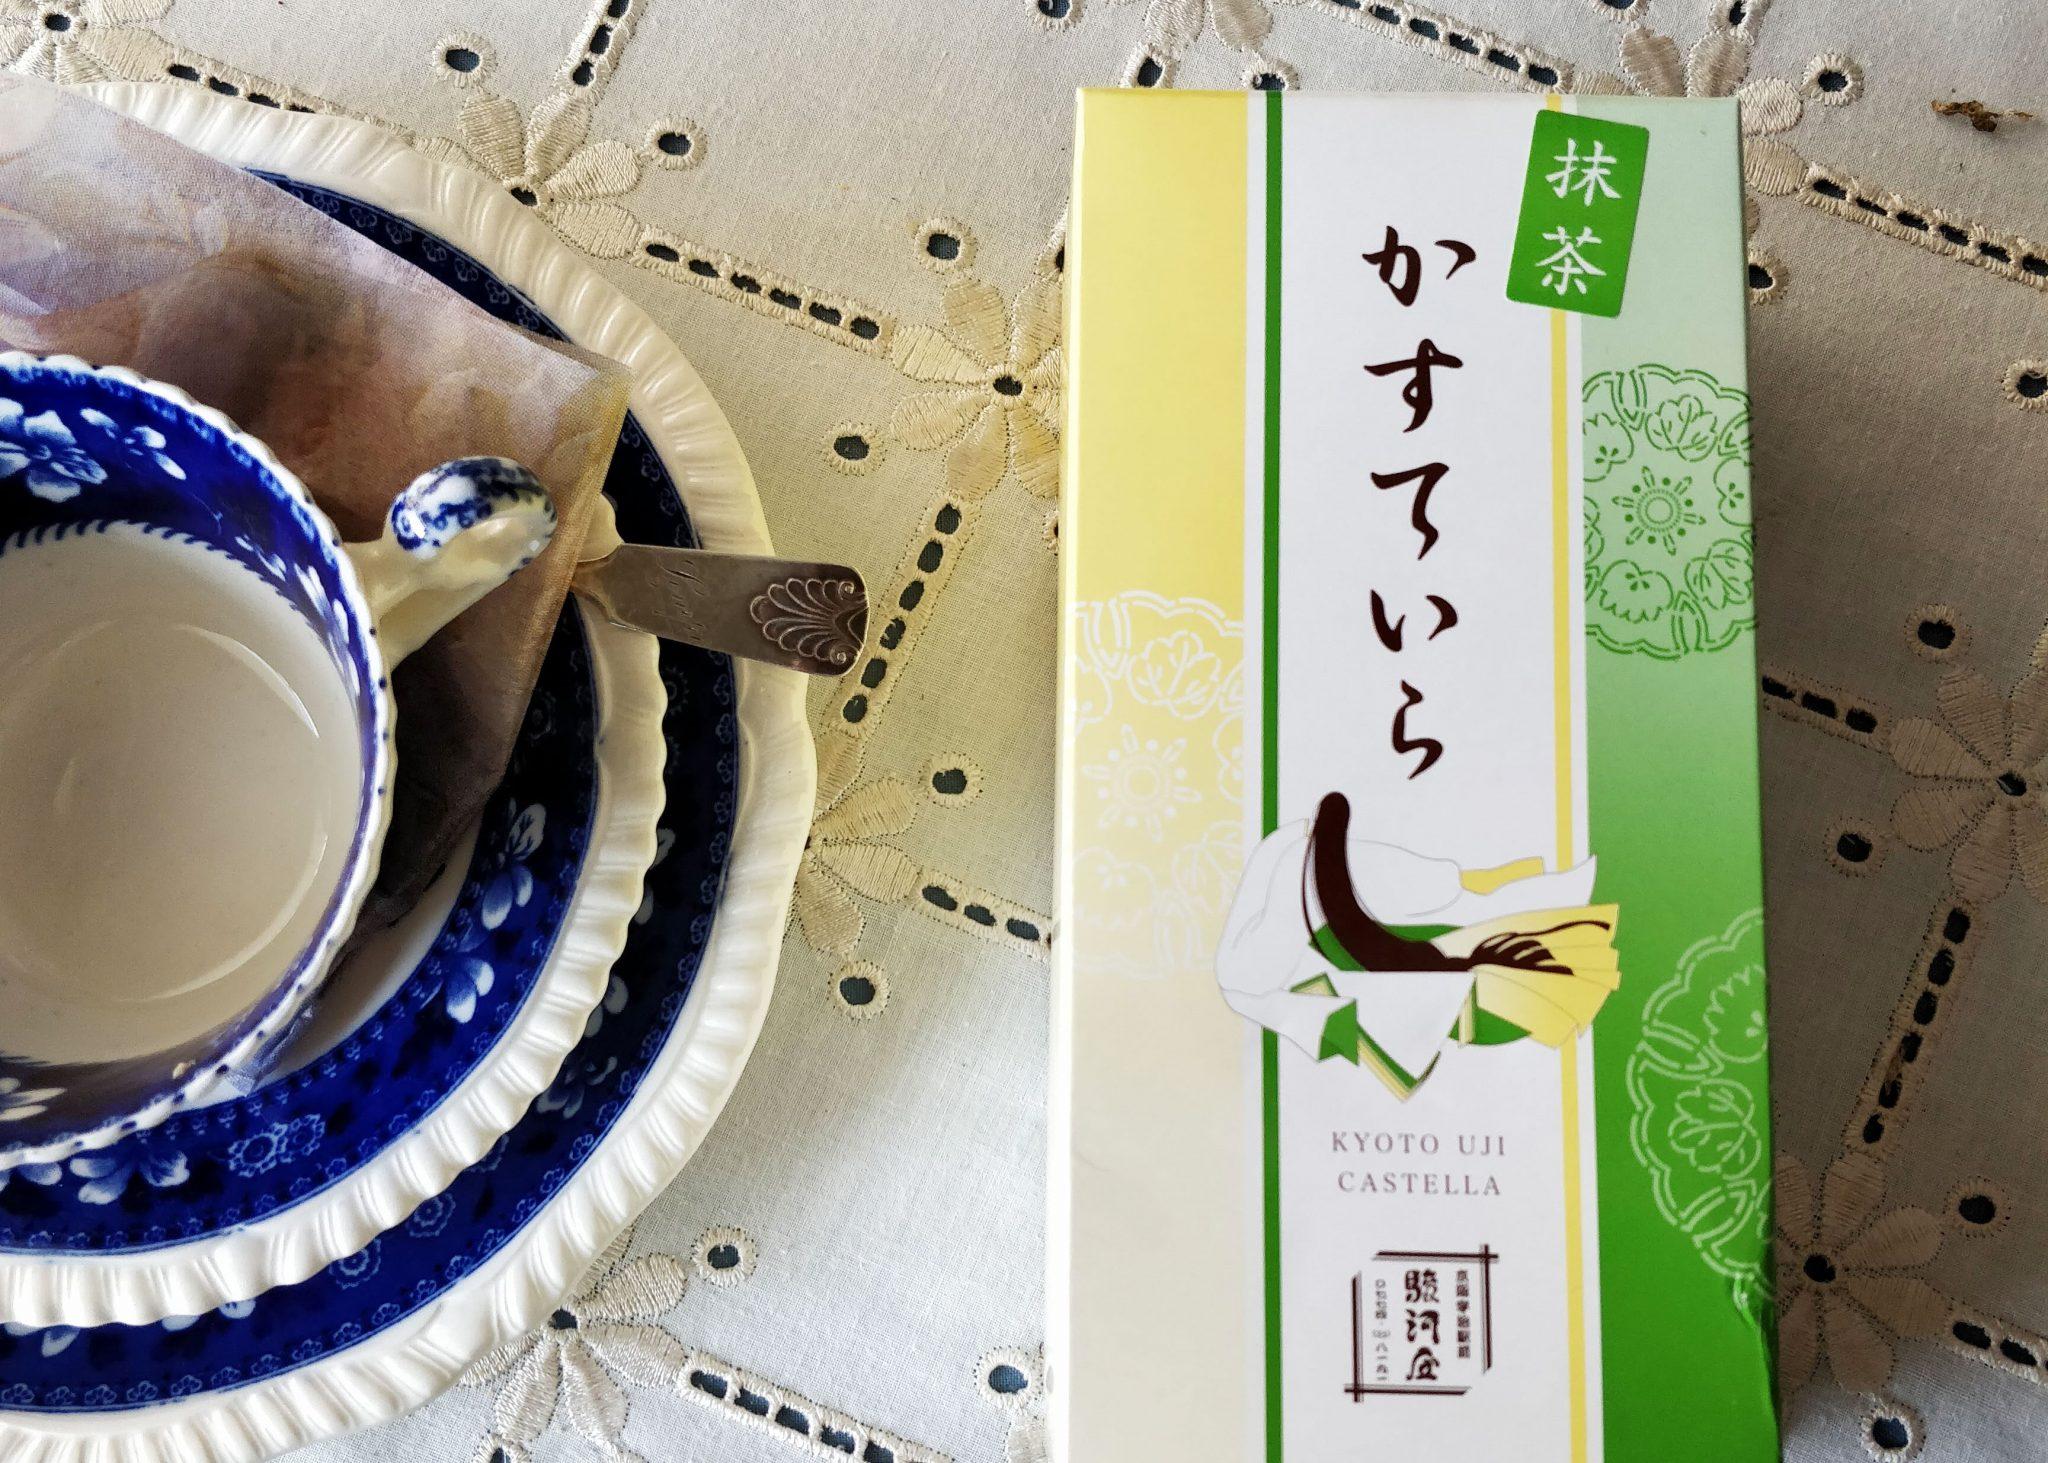 sininen teekuppi ja paketti ujista ostettua kakkua vihreä-keltaisessa paketissa jossa lukee hiraganalla kasuteira